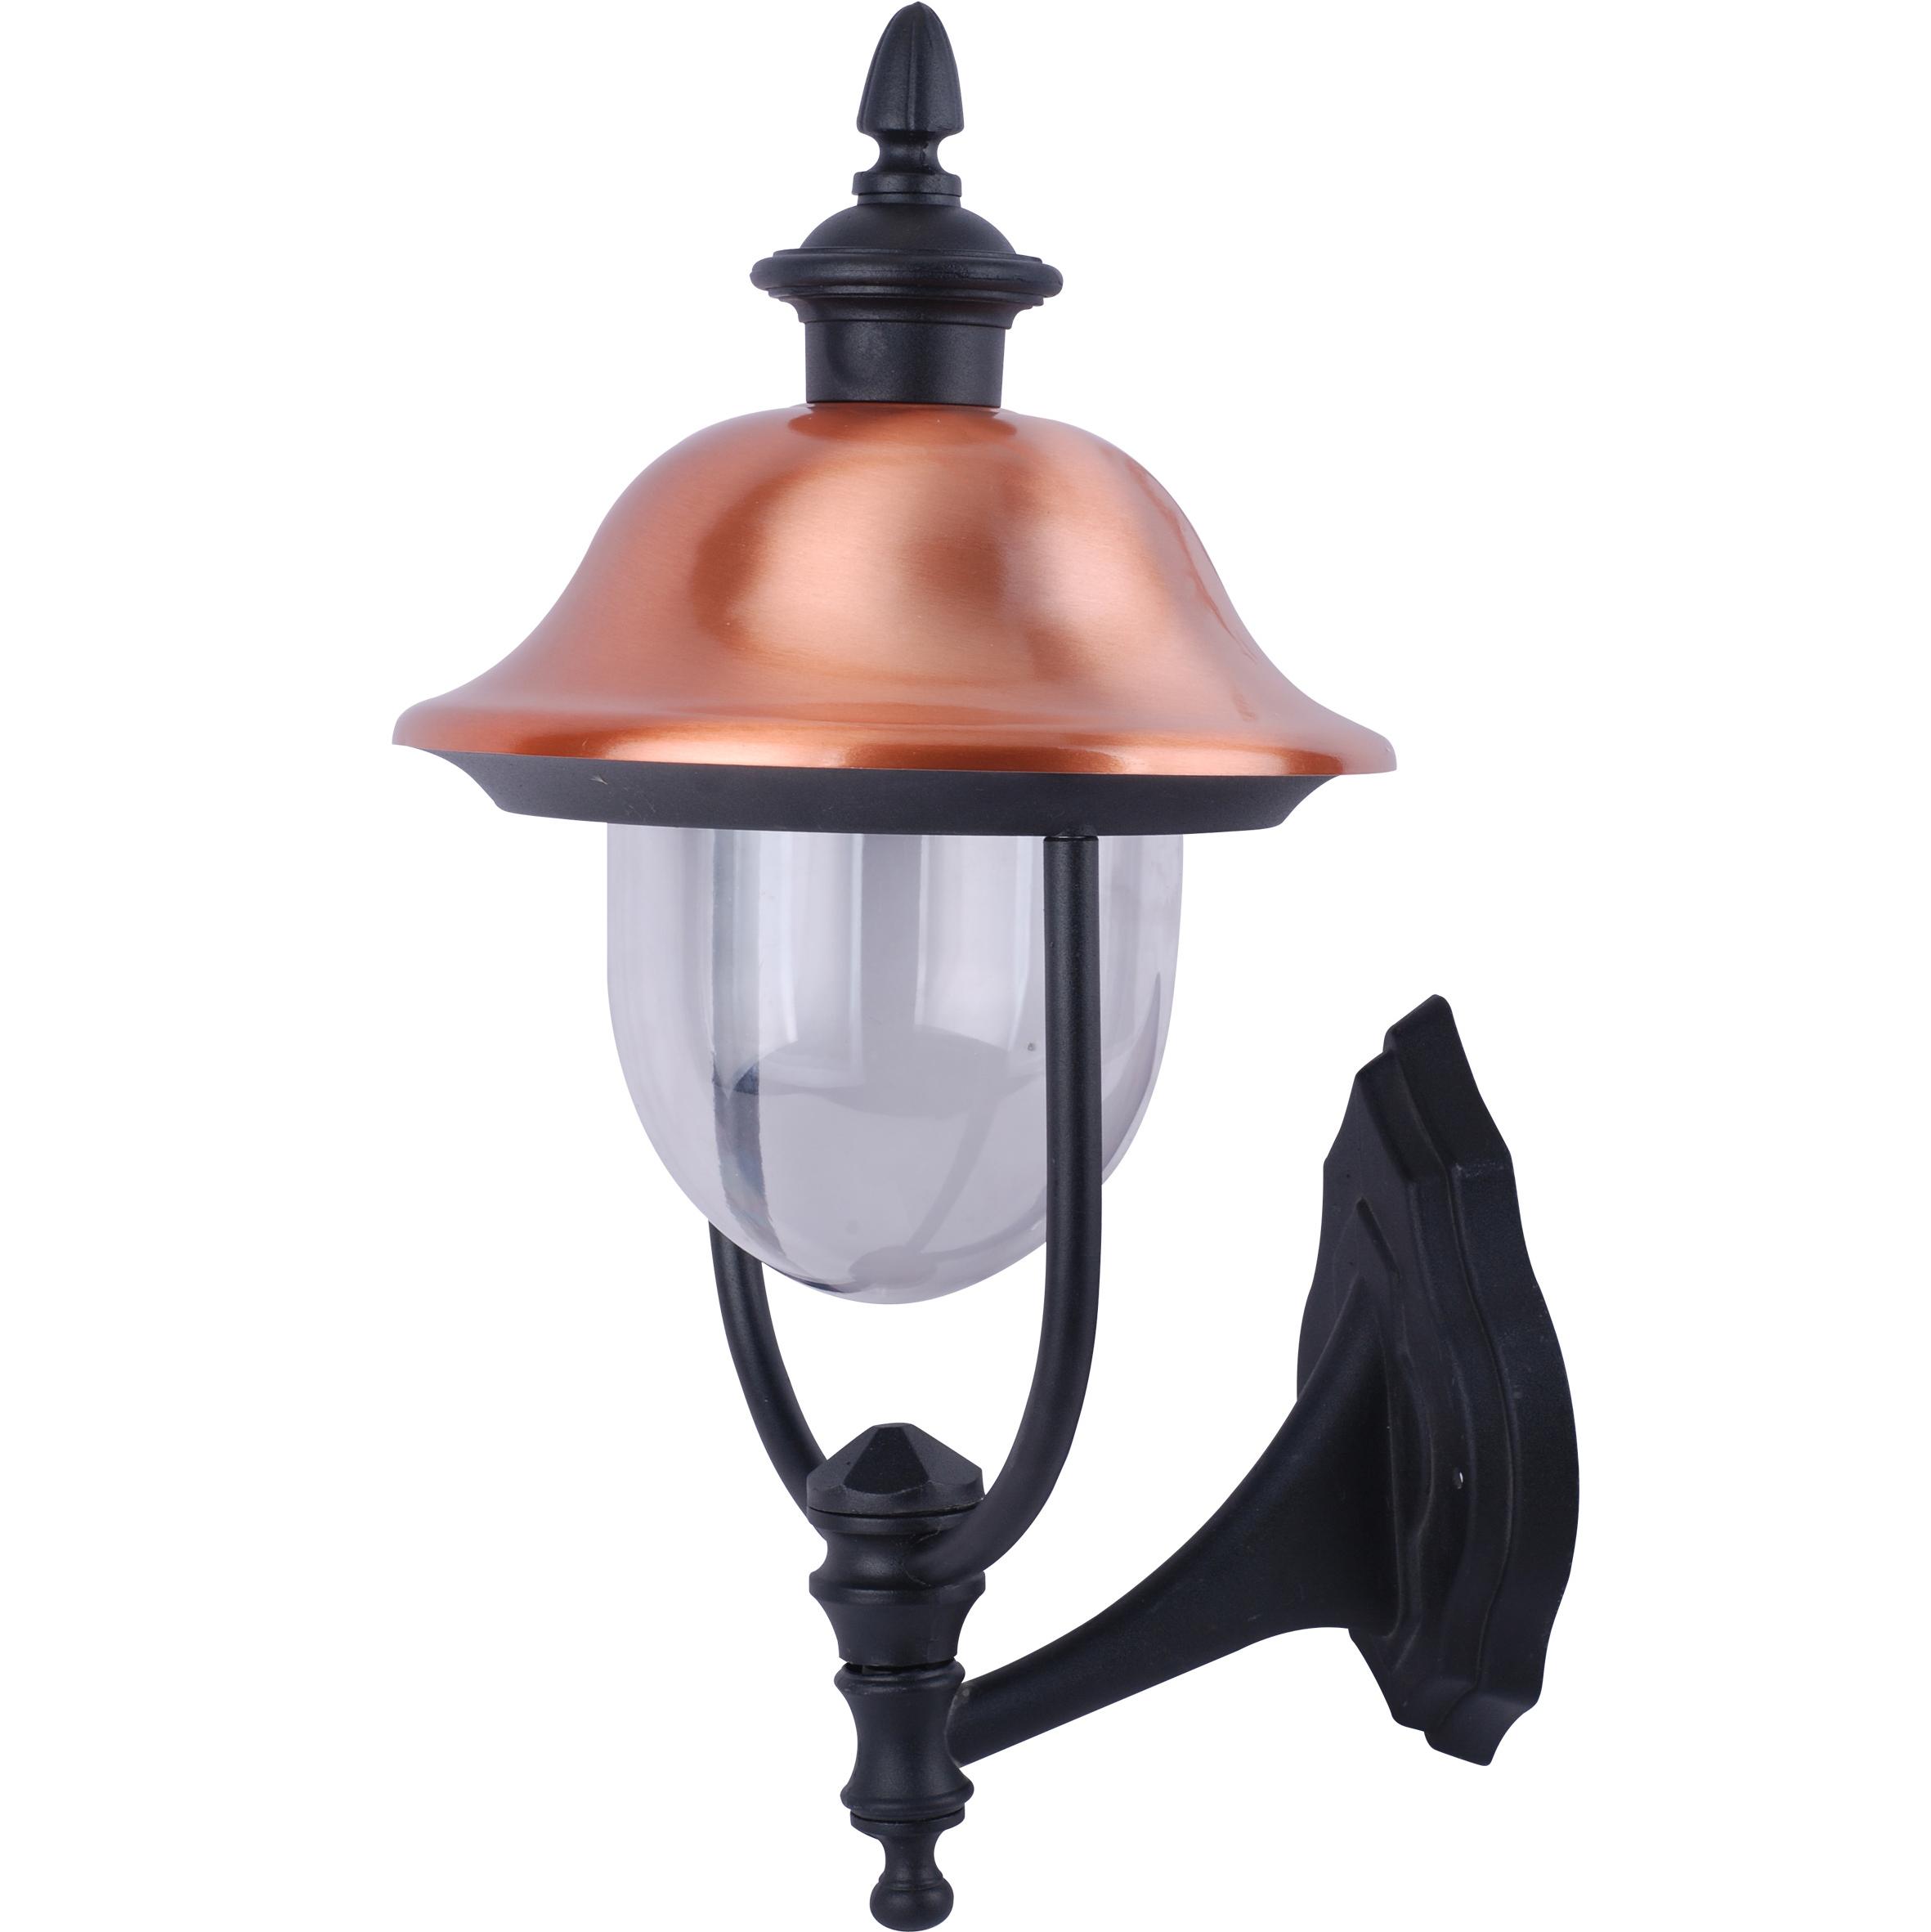 все цены на Светильник настенный уличный Arte lamp Barcelona a1481al-1bk